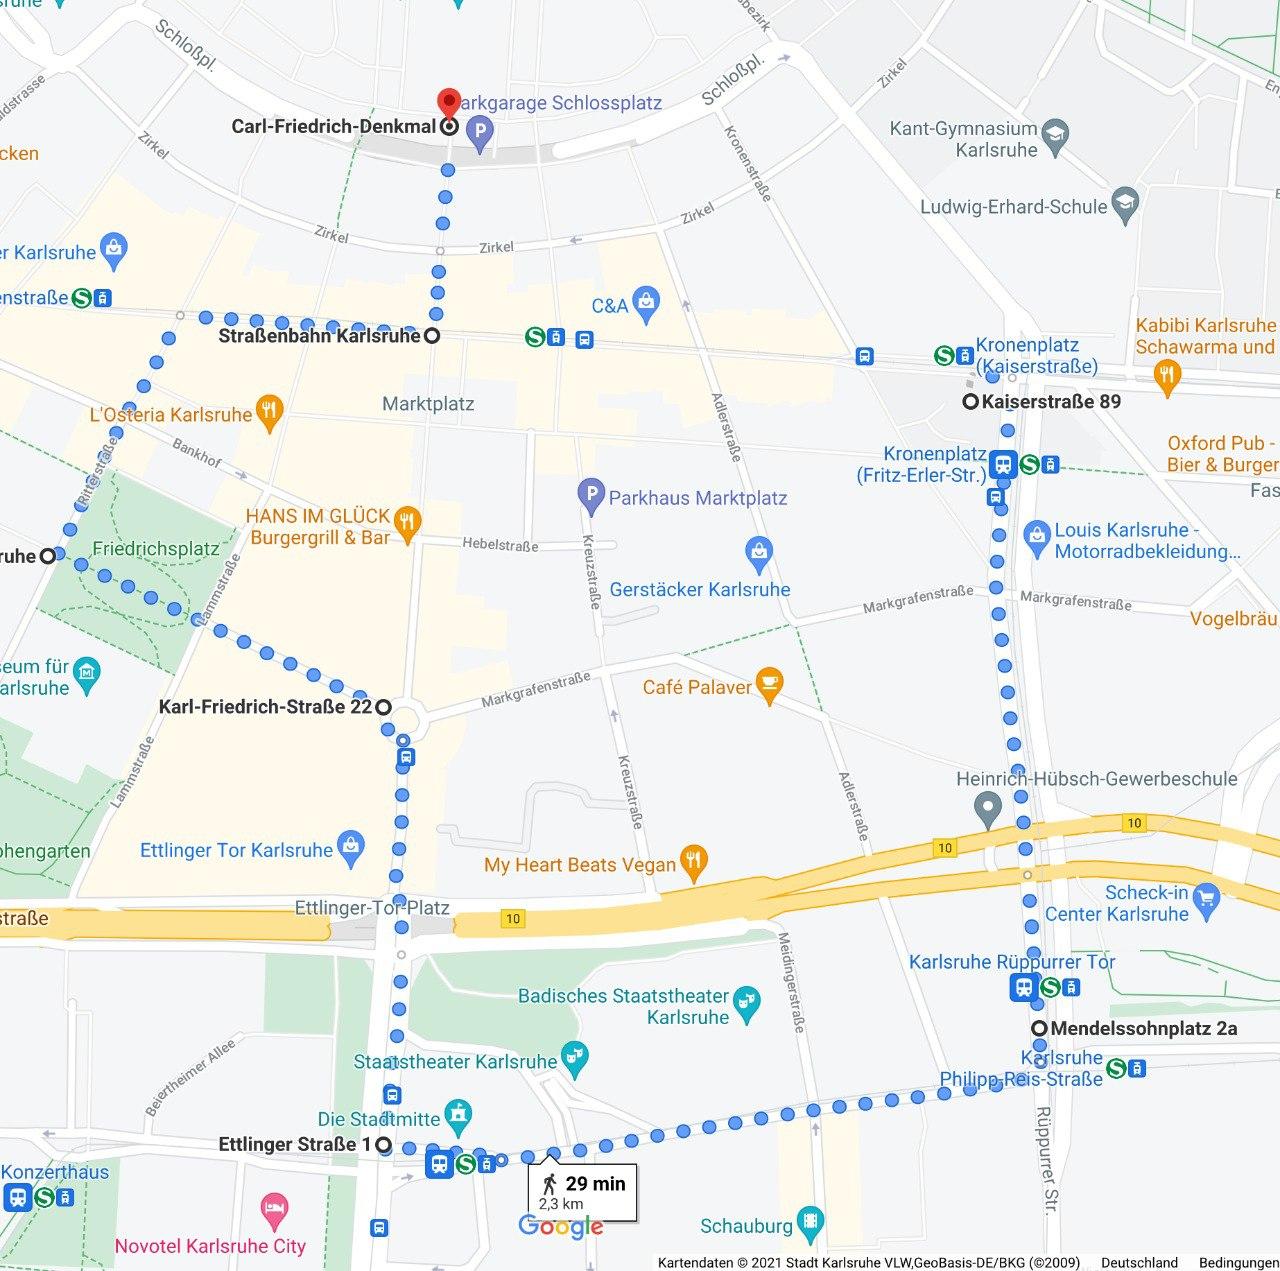 Route Demo 18.09. Zeit für Legalisierung, Demoroute Karlsruhe, Demonstration